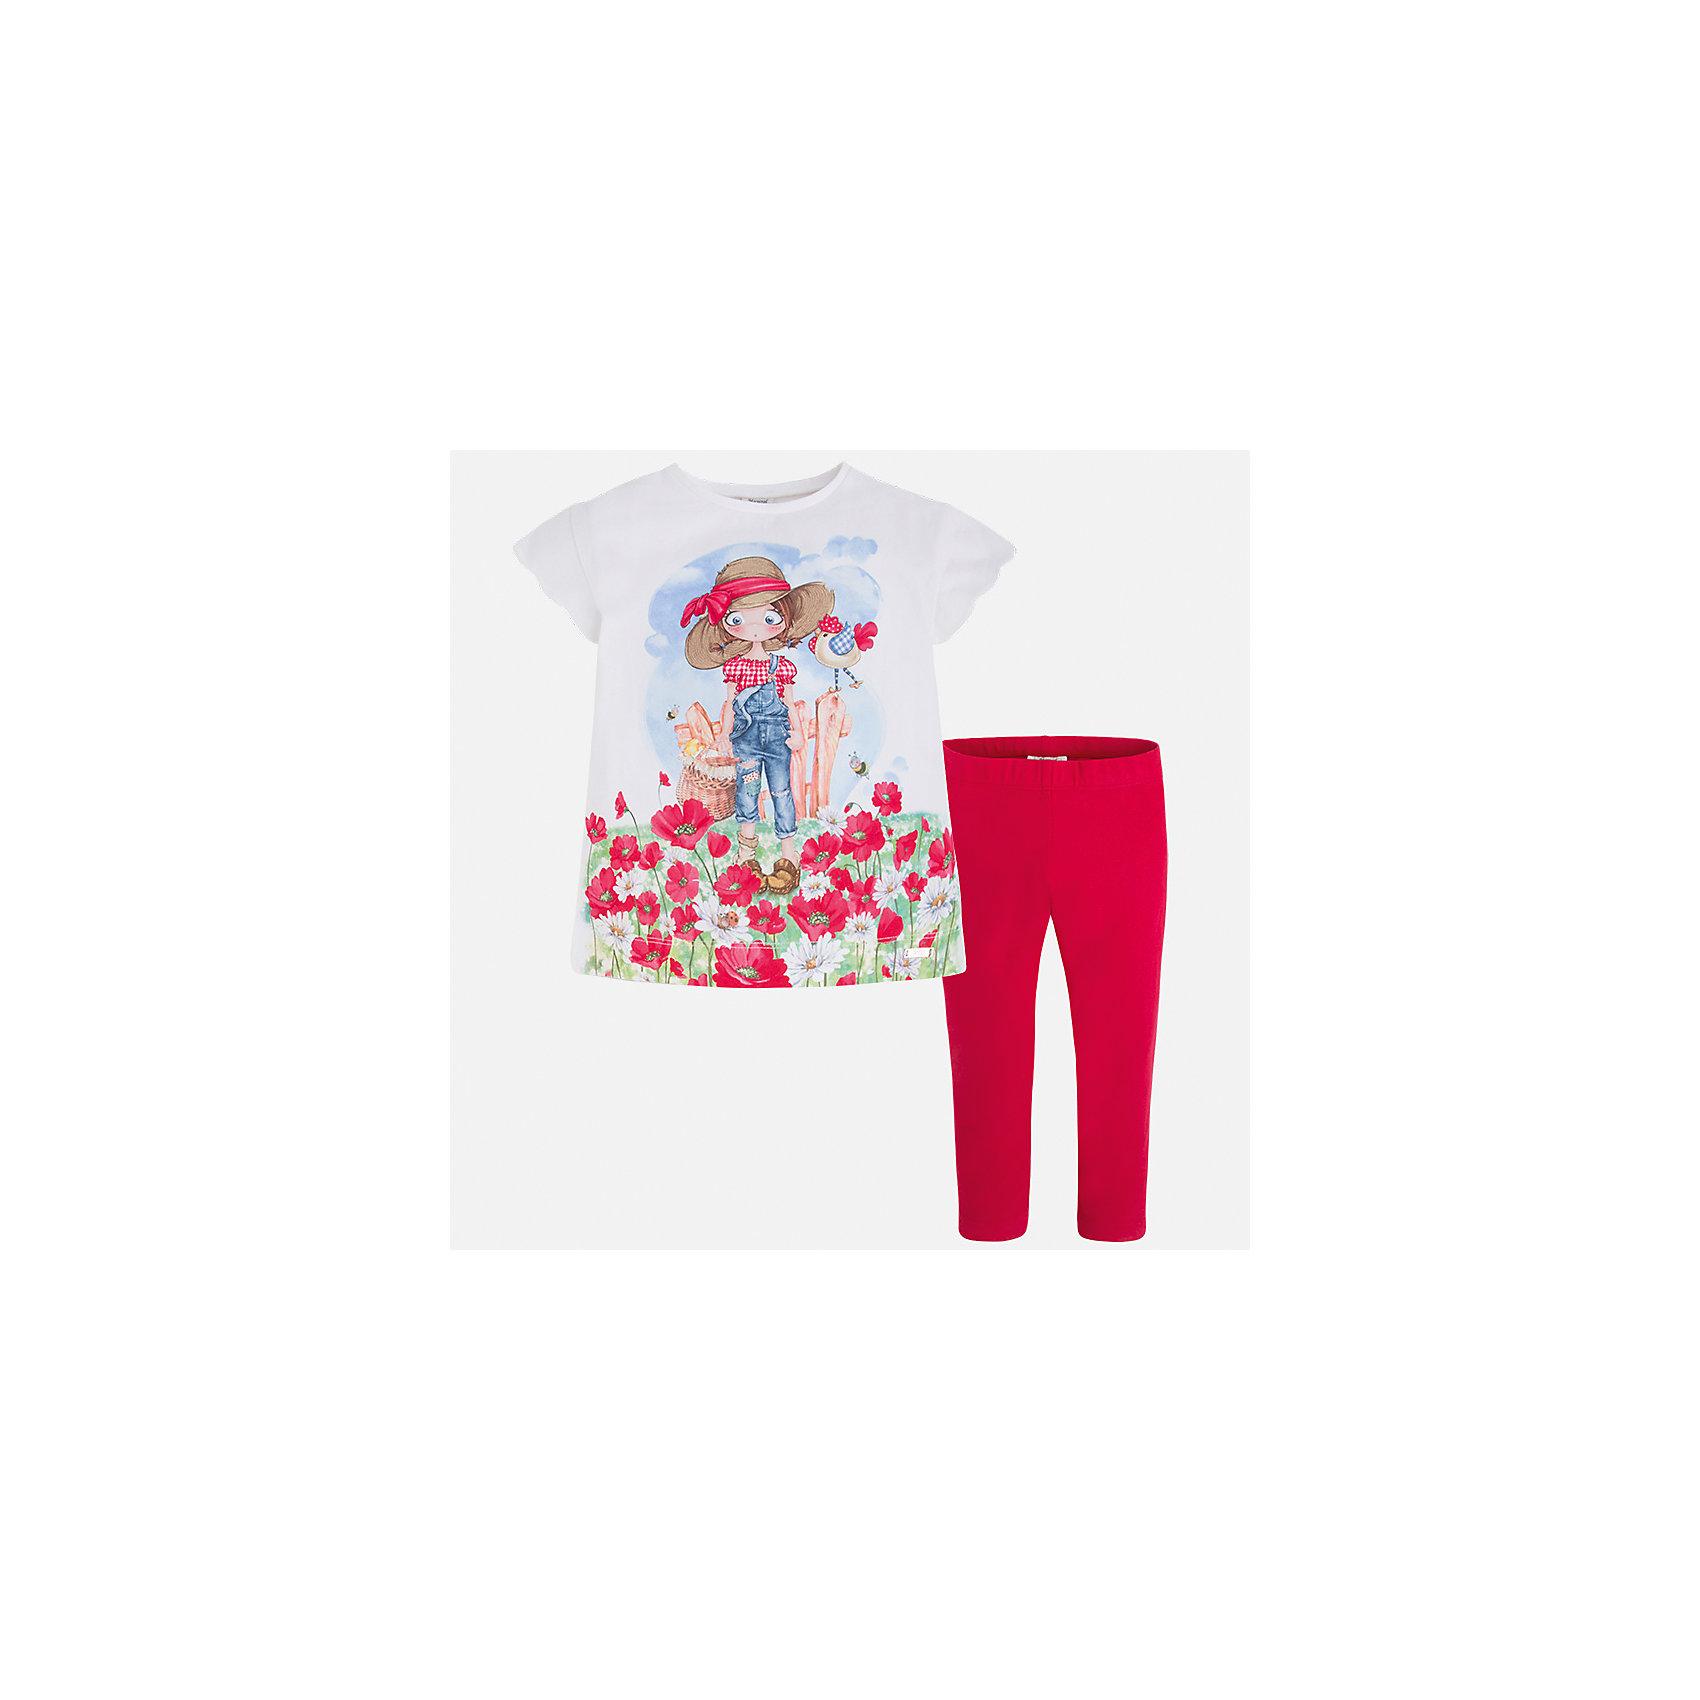 Комплект: футболка и леггинсы для девочки MayoralВесенняя капель<br>Характеристики товара:<br><br>• цвет: белый/красный<br>• состав: 92% хлопок, 8% эластан<br>• комплектация: футболка, леггинсы<br>• футболка декорирована принтом <br>• леггинсы однотонные<br>• пояс на резинке<br>• страна бренда: Испания<br><br>Модный качественный комплект для девочки поможет разнообразить гардероб ребенка и удобно одеться в теплую погоду. Он отлично сочетается с другими предметами. Универсальный цвет позволяет подобрать к вещам верхнюю одежду практически любой расцветки. Интересная отделка модели делает её нарядной и оригинальной. В составе материала - натуральный хлопок, гипоаллергенный, приятный на ощупь, дышащий.<br><br>Одежда, обувь и аксессуары от испанского бренда Mayoral полюбились детям и взрослым по всему миру. Модели этой марки - стильные и удобные. Для их производства используются только безопасные, качественные материалы и фурнитура. Порадуйте ребенка модными и красивыми вещами от Mayoral! <br><br>Комплект для девочки от испанского бренда Mayoral (Майорал) можно купить в нашем интернет-магазине.<br><br>Ширина мм: 123<br>Глубина мм: 10<br>Высота мм: 149<br>Вес г: 209<br>Цвет: красный<br>Возраст от месяцев: 24<br>Возраст до месяцев: 36<br>Пол: Женский<br>Возраст: Детский<br>Размер: 98,134,92,104,110,116,122,128<br>SKU: 5290577